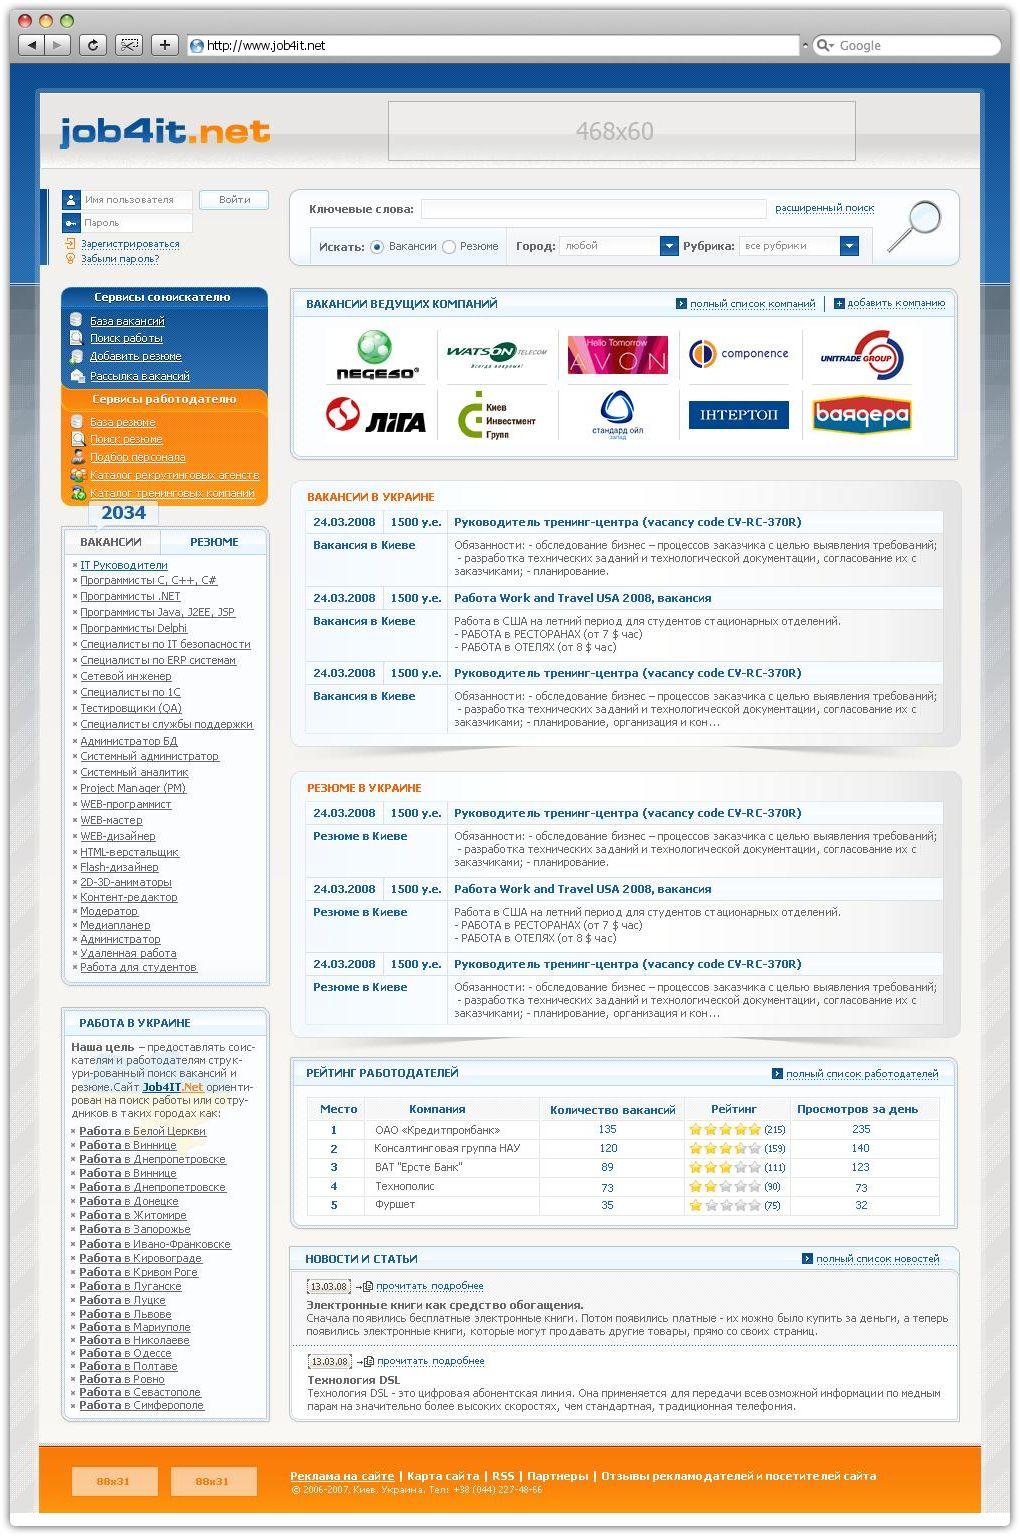 Job4it.net